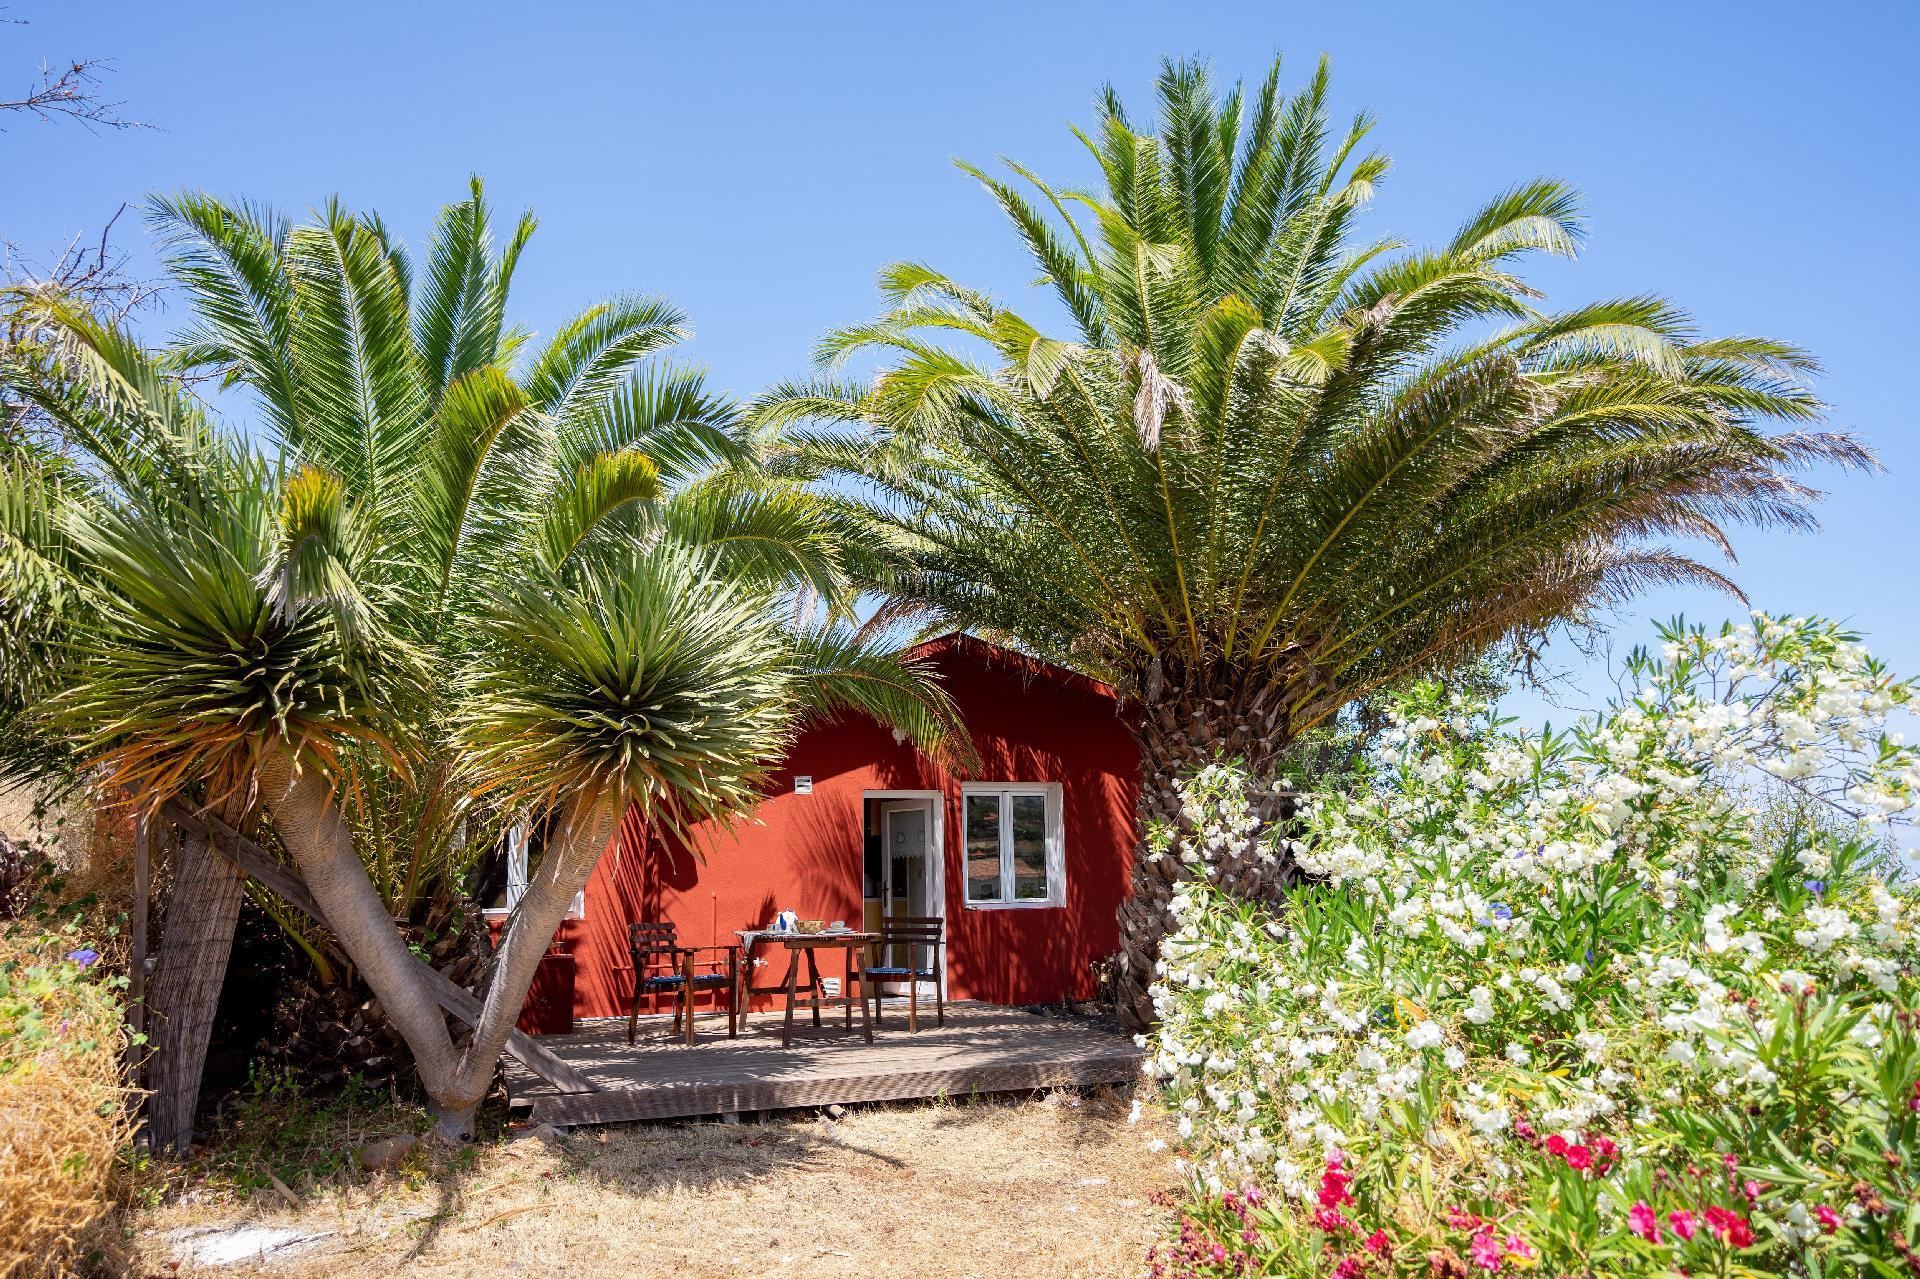 Ferienhaus für 3 Personen ca. 90 m² in P Bauernhof in Spanien